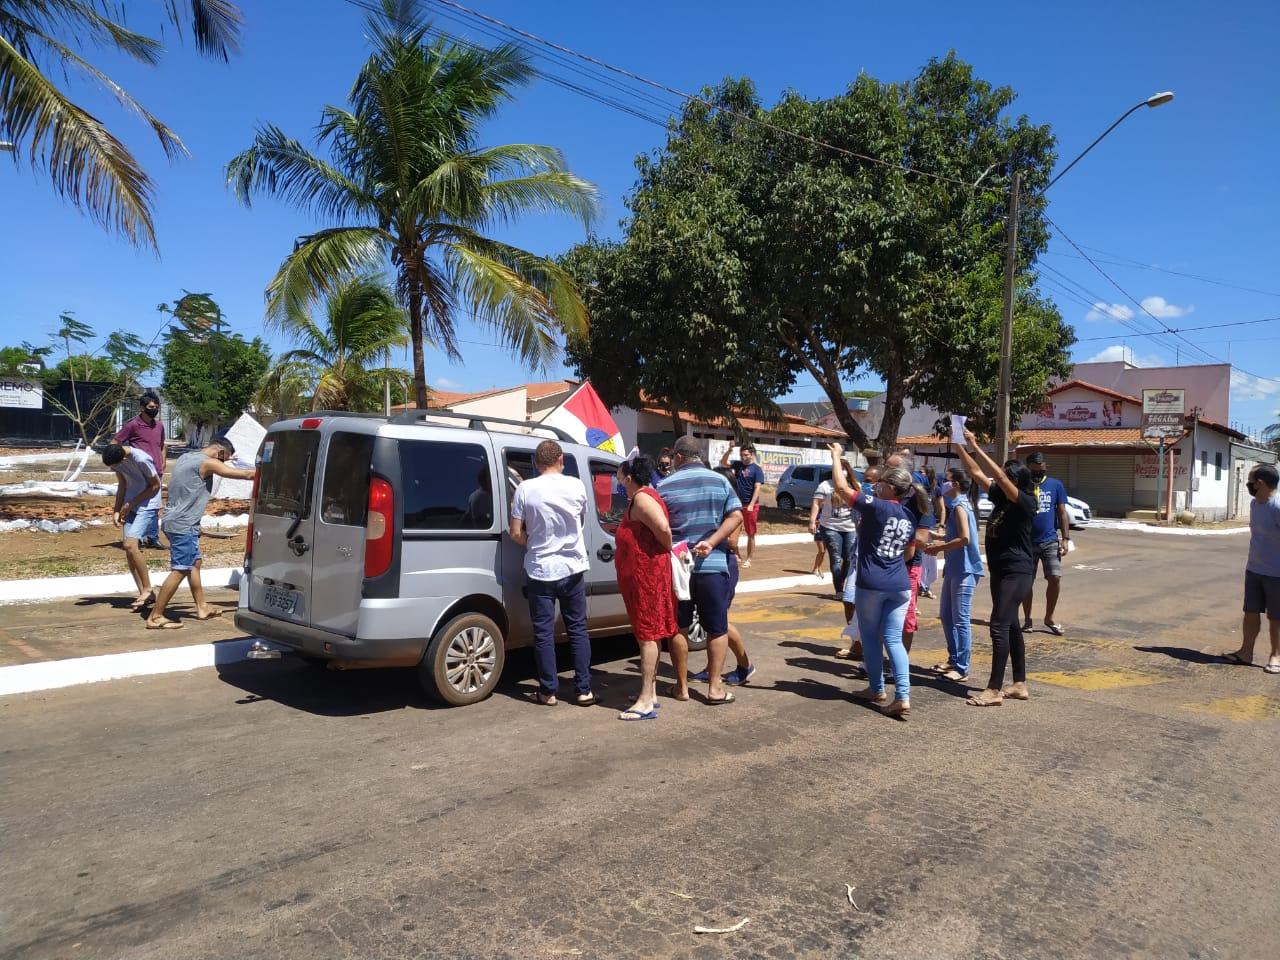 Em homenagem à recuperação do advogado Gilberto Lucena, amigos e familiares se reúnem para recebê-lo em Paraíso